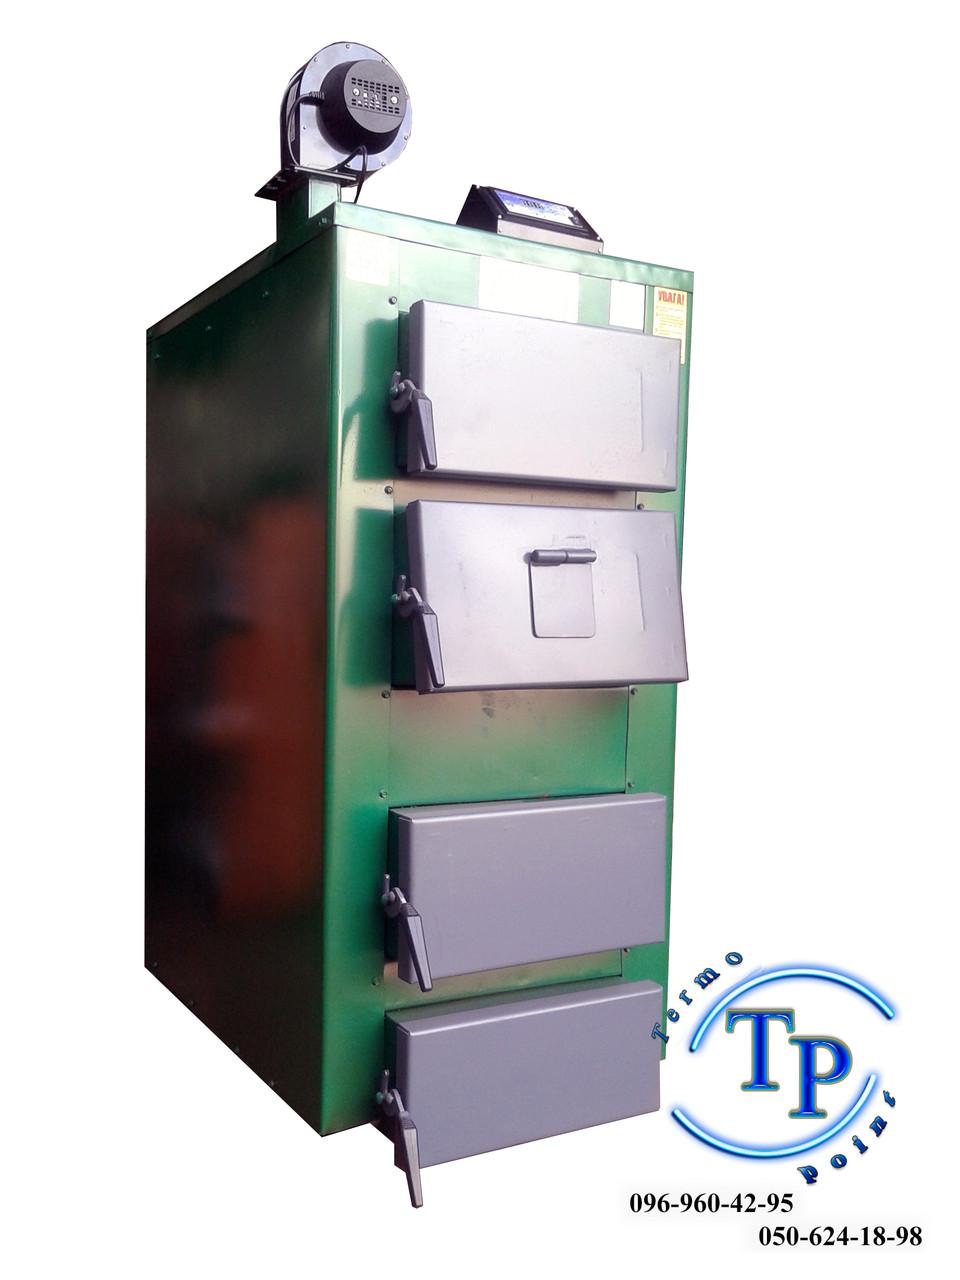 Твердотопливный котел длительного горения САН РТ (САН ПТ) 38 кВт - TERMOPOINT - Интернет магазин отопительного оборудования в Киеве